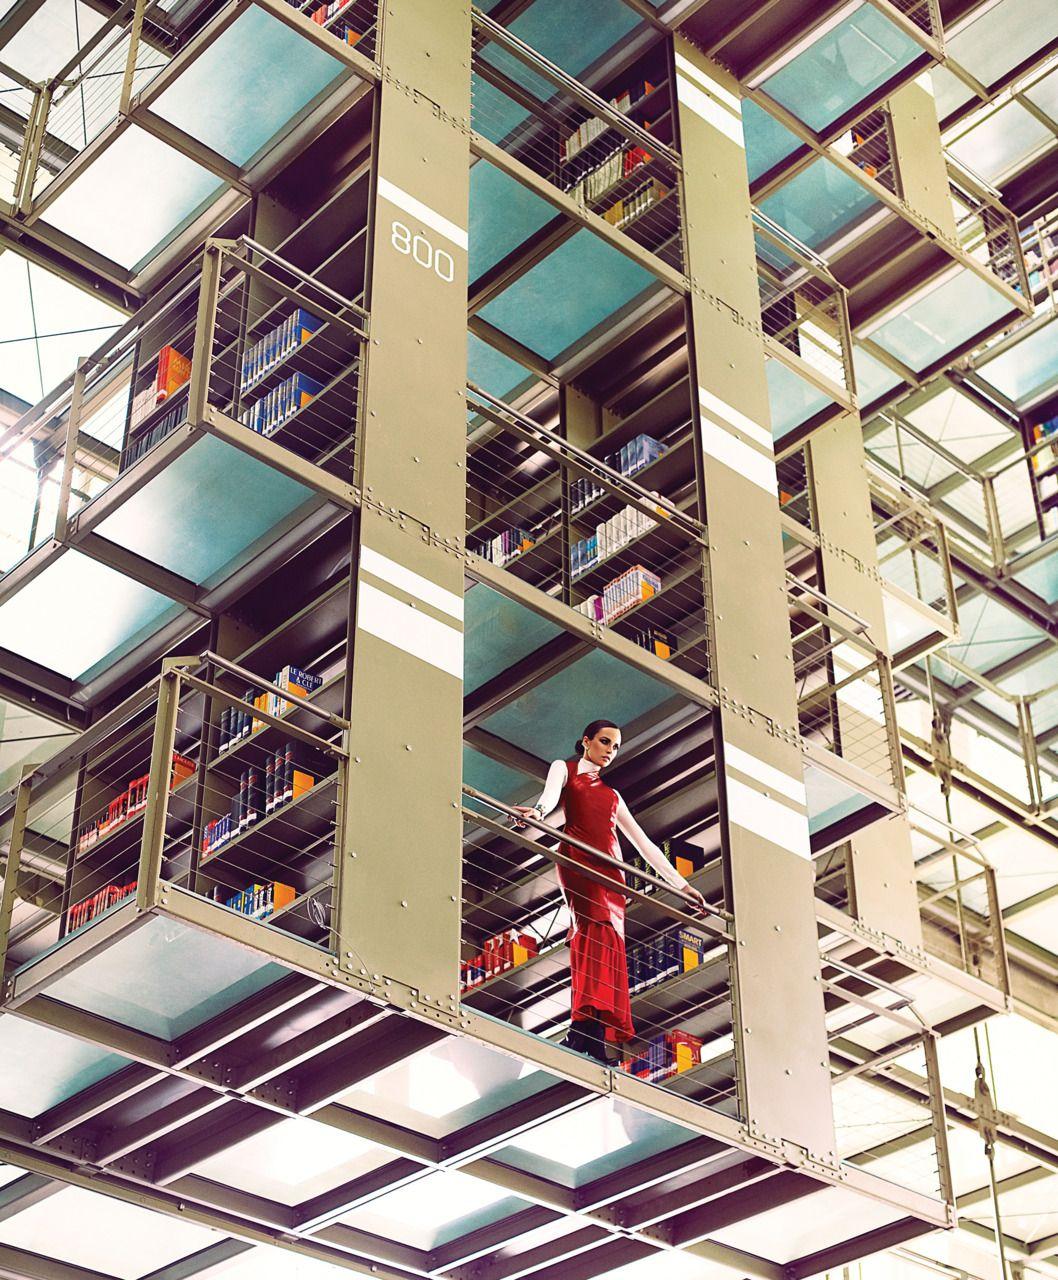 Biblioteca Vasconcelos Mexico 建築 建築物 世界